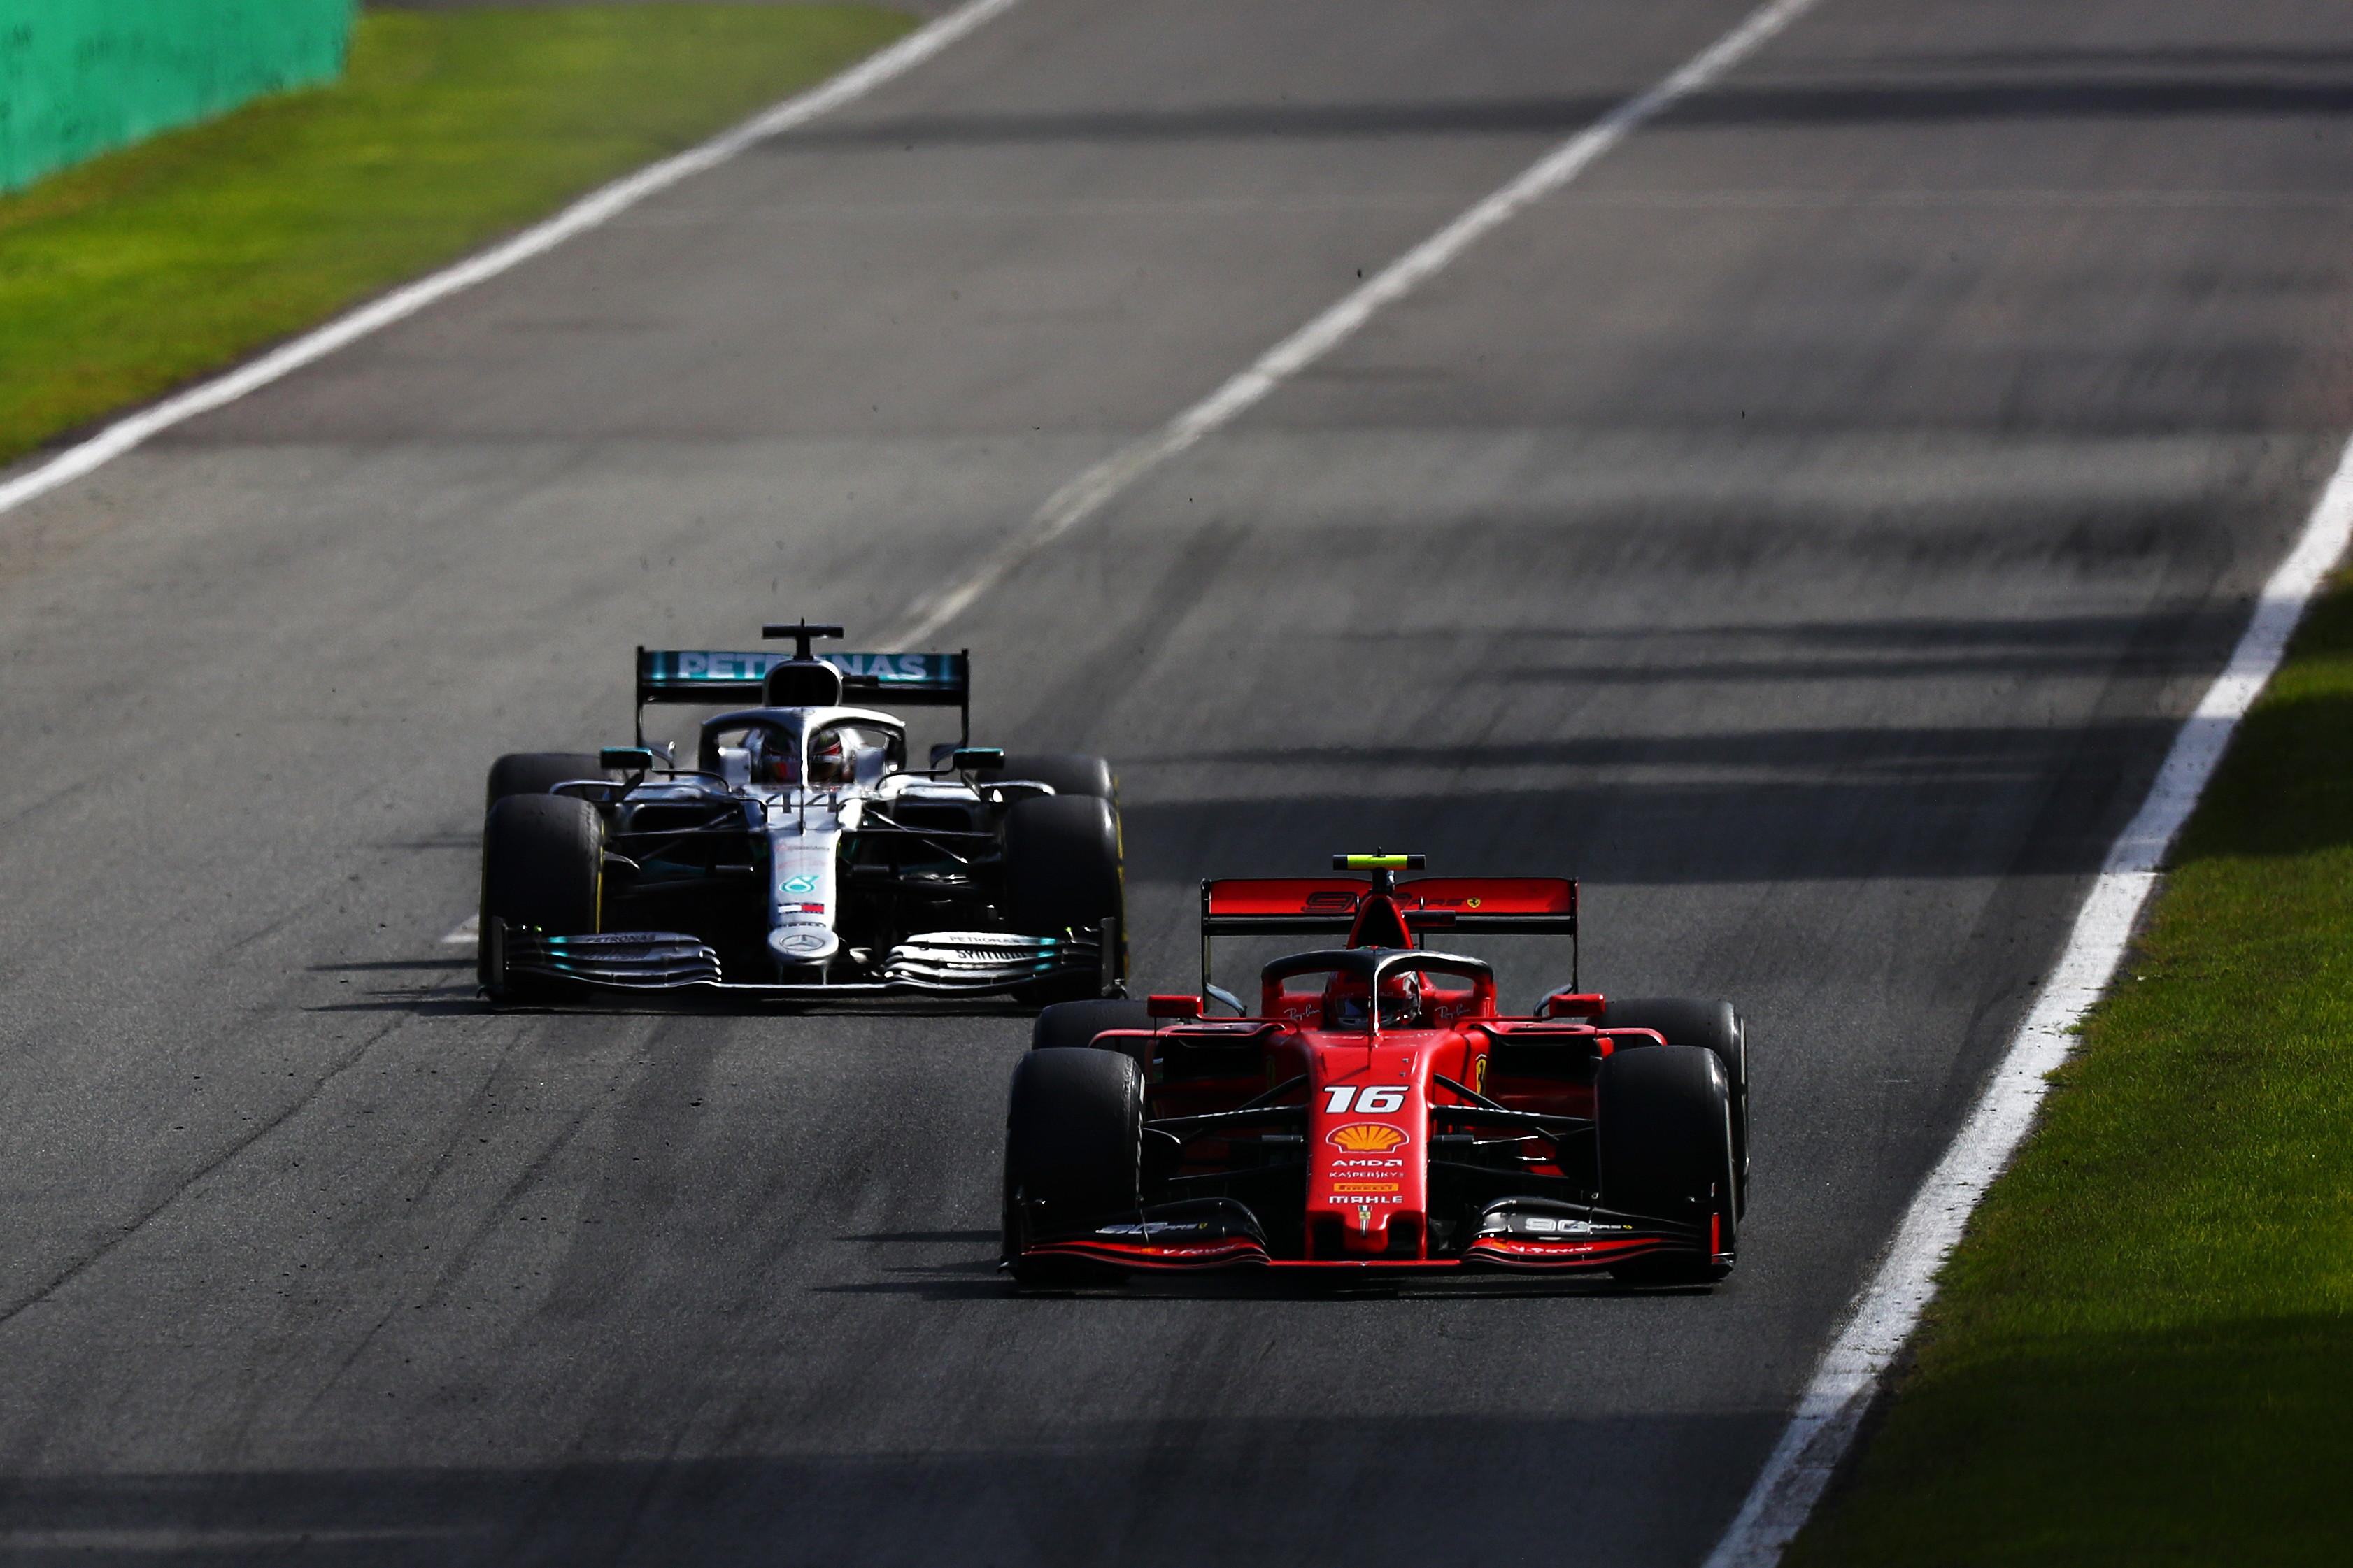 Il monegasco riporta la Scuderia in trionfo nel GP di casa a 9 anni di distanza dall'ultima volta